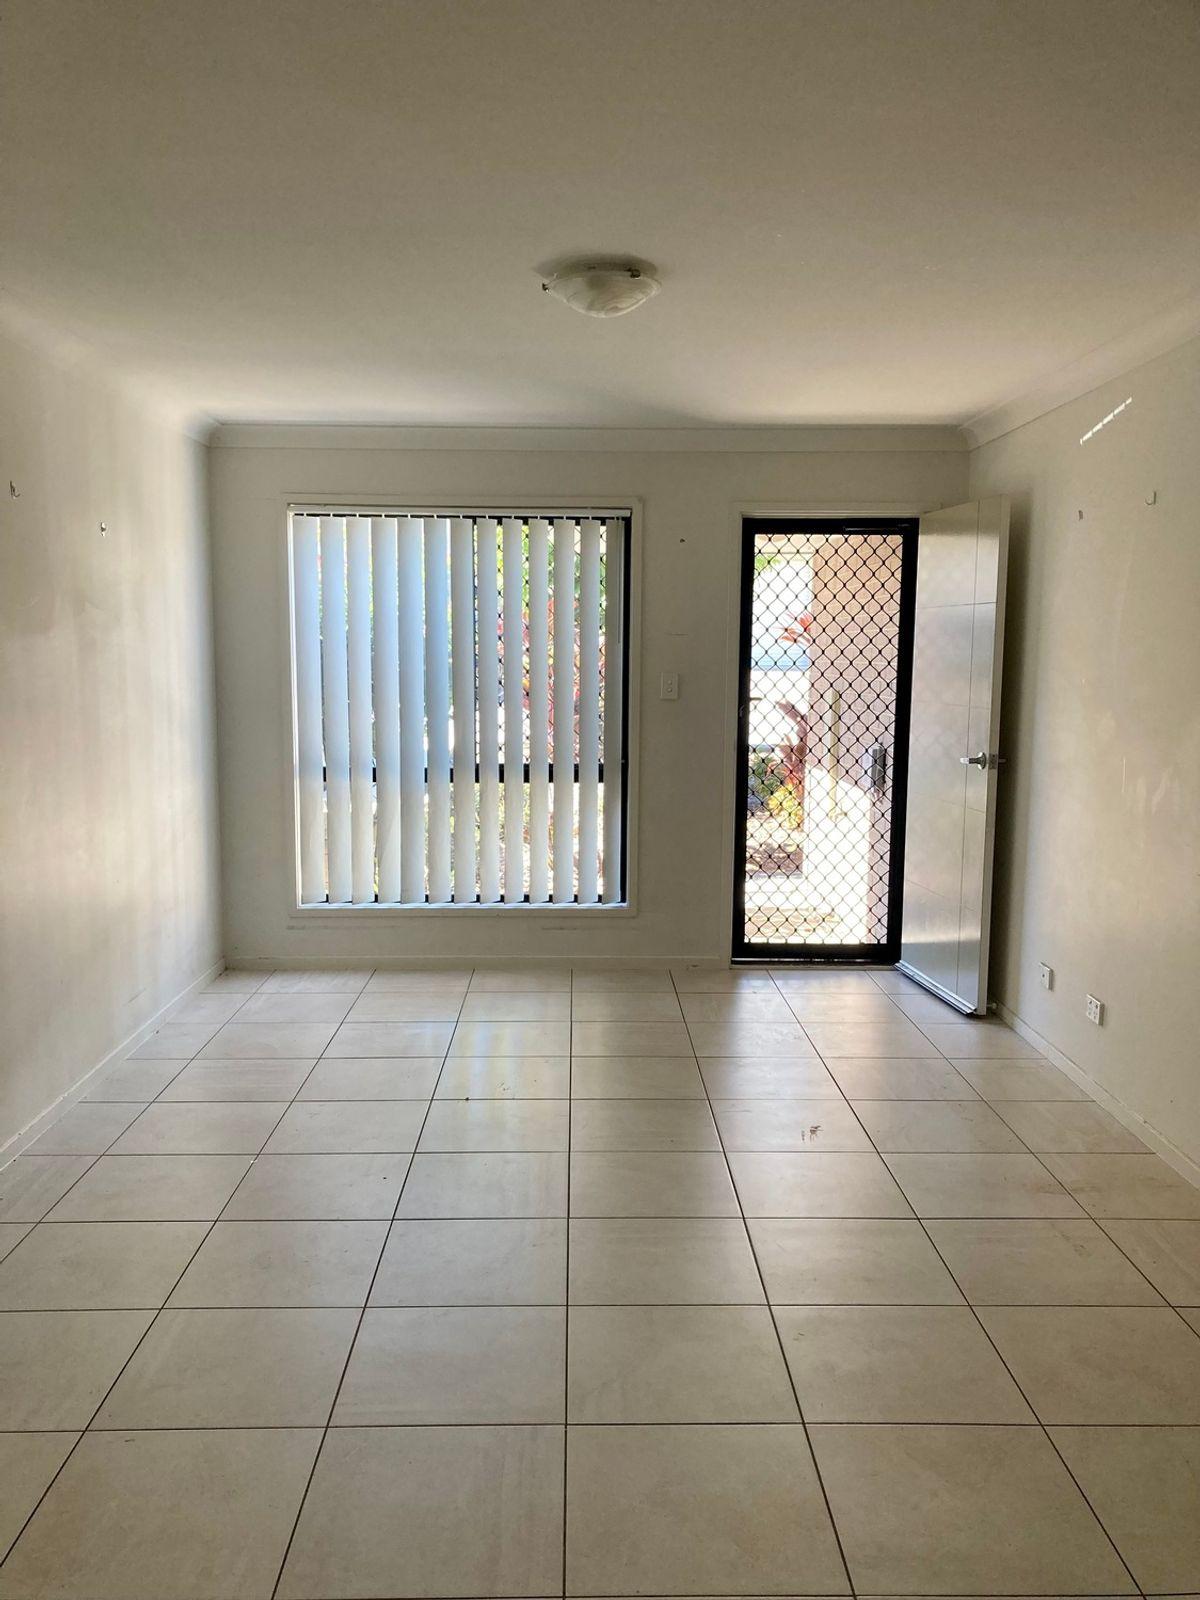 52/160 Bagnall Street, Ellen Grove, QLD 4078